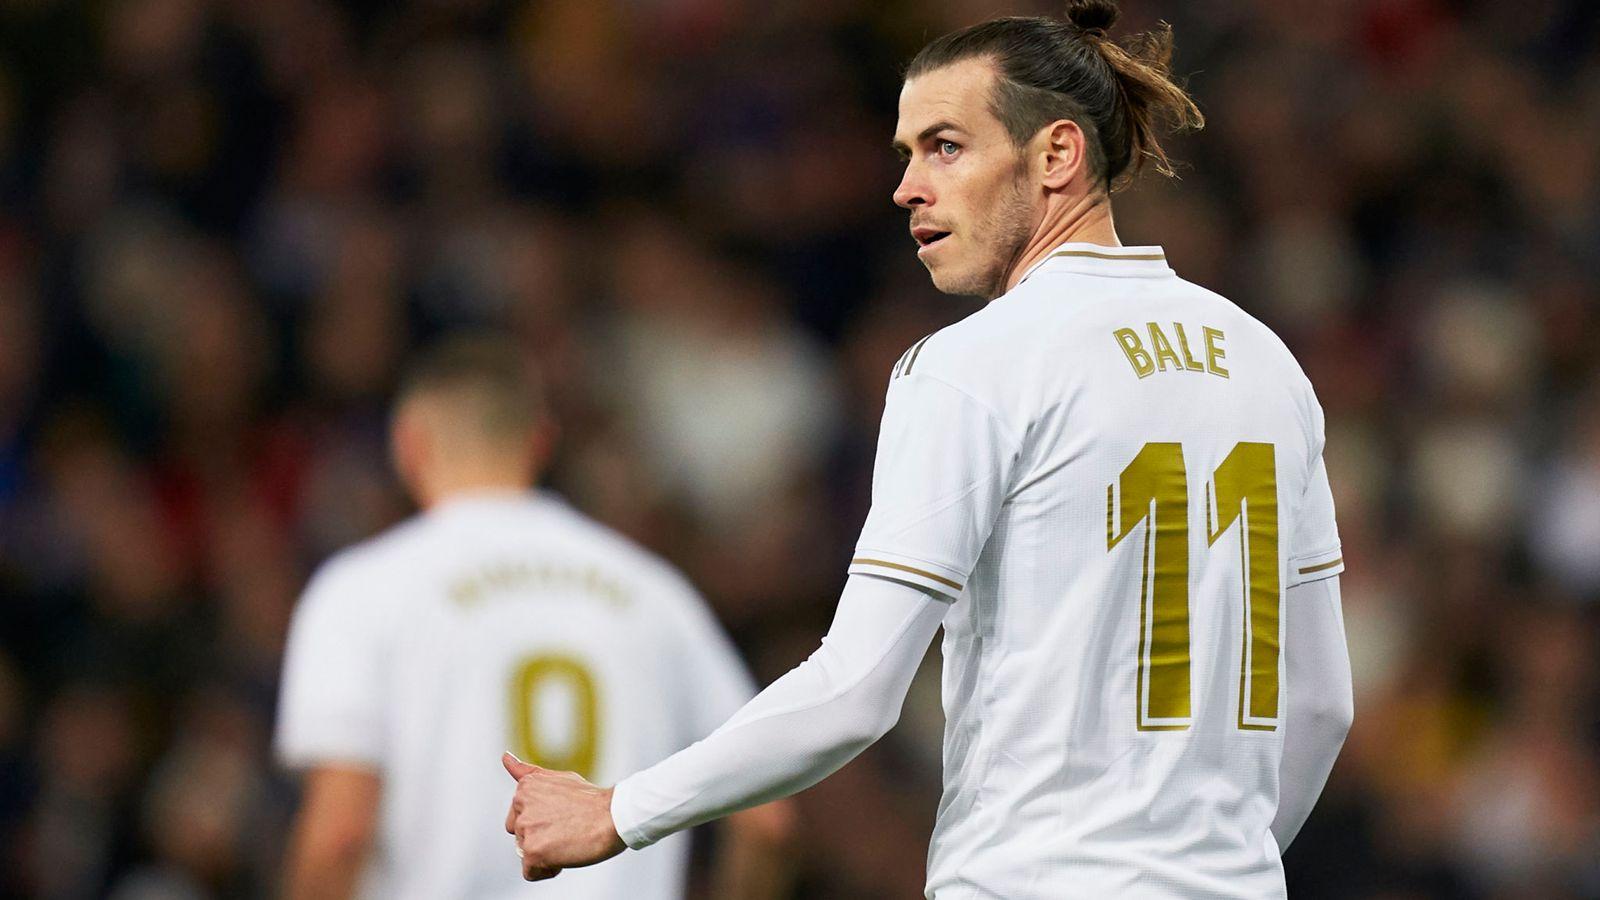 Bóng đá hôm nay 4/2: Ighalo là 'Cantona mới' của MU. Sáng tỏ tương lai của Bale